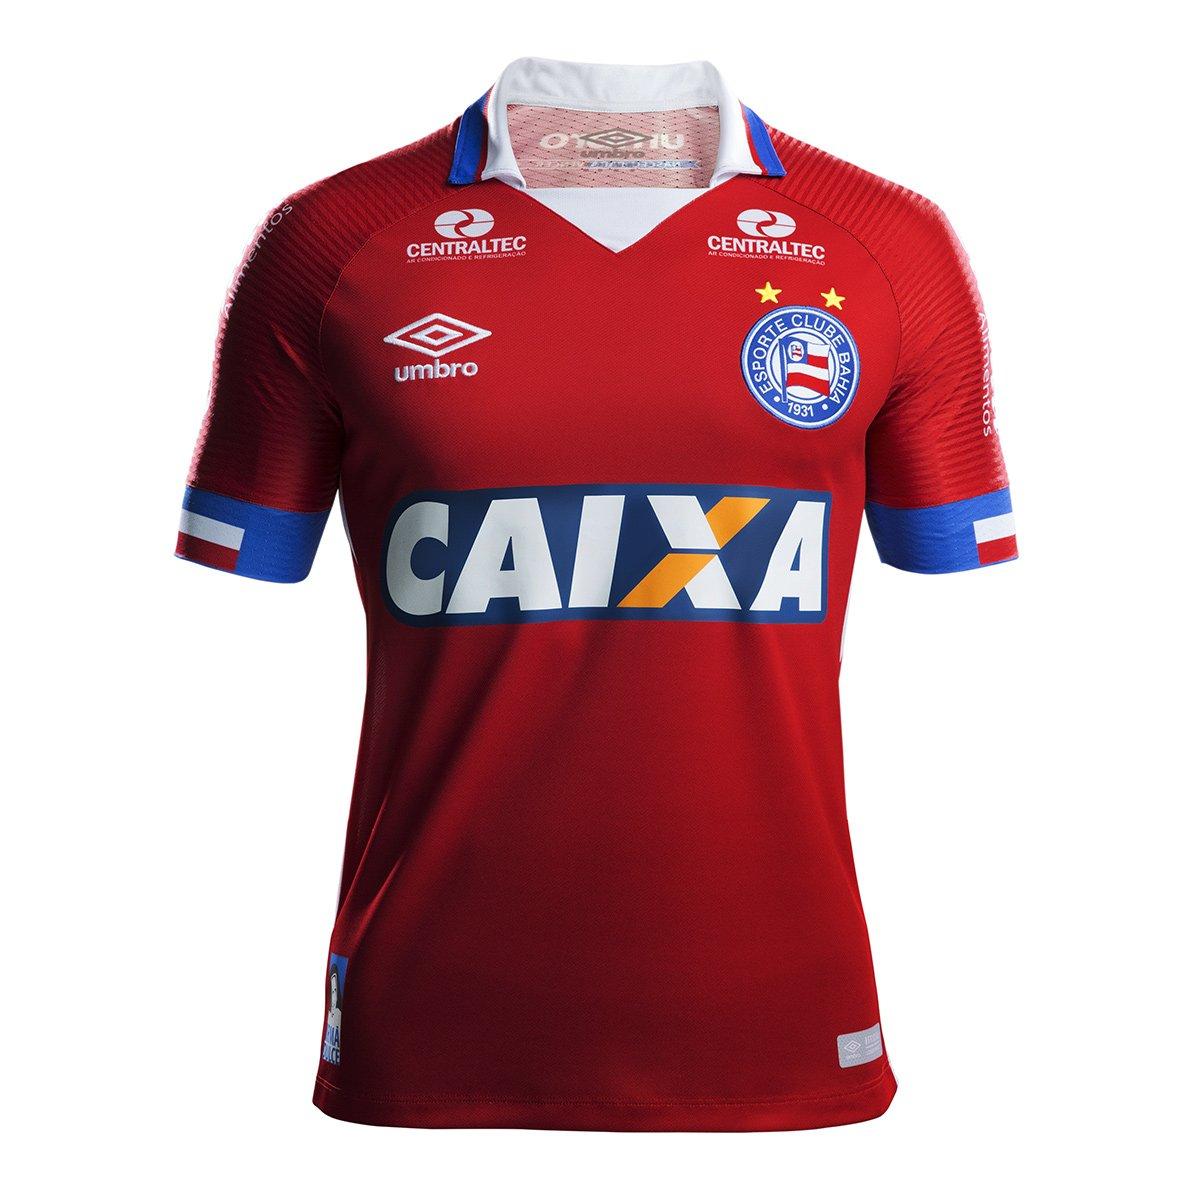 Camisa Bahia Juvenil III 17/18 s/n° - Torcedor Umbro